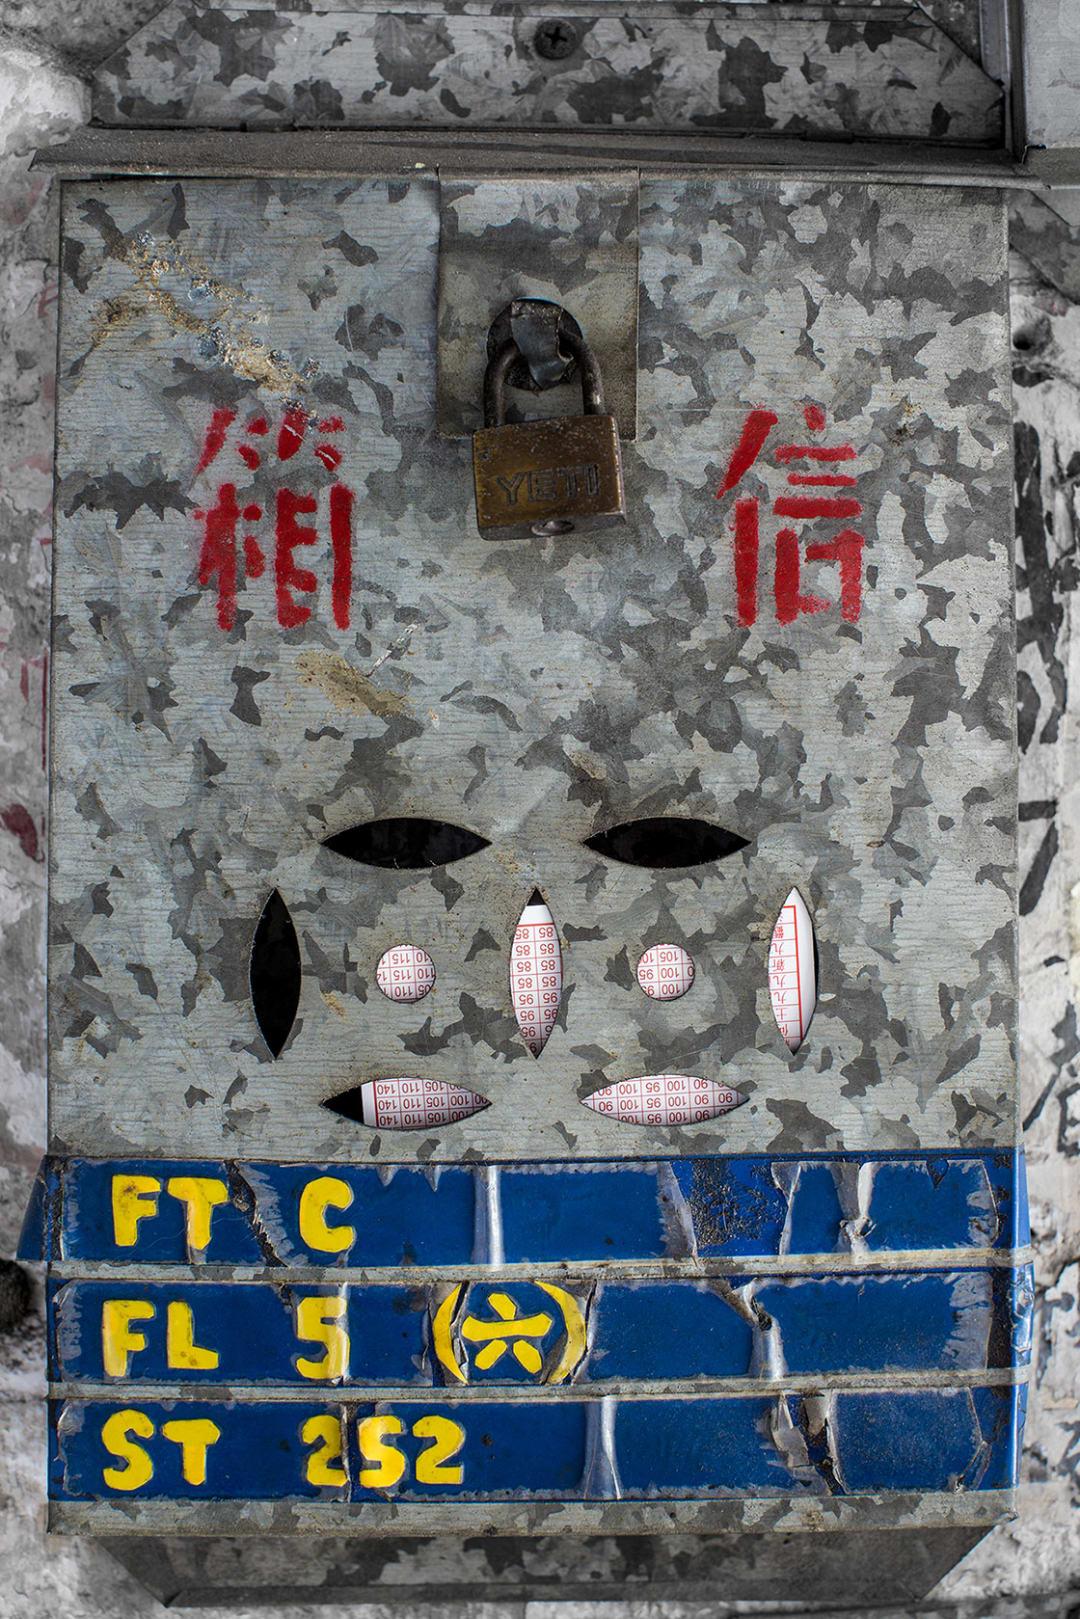 252-Yee Kuk Street - David Elliott